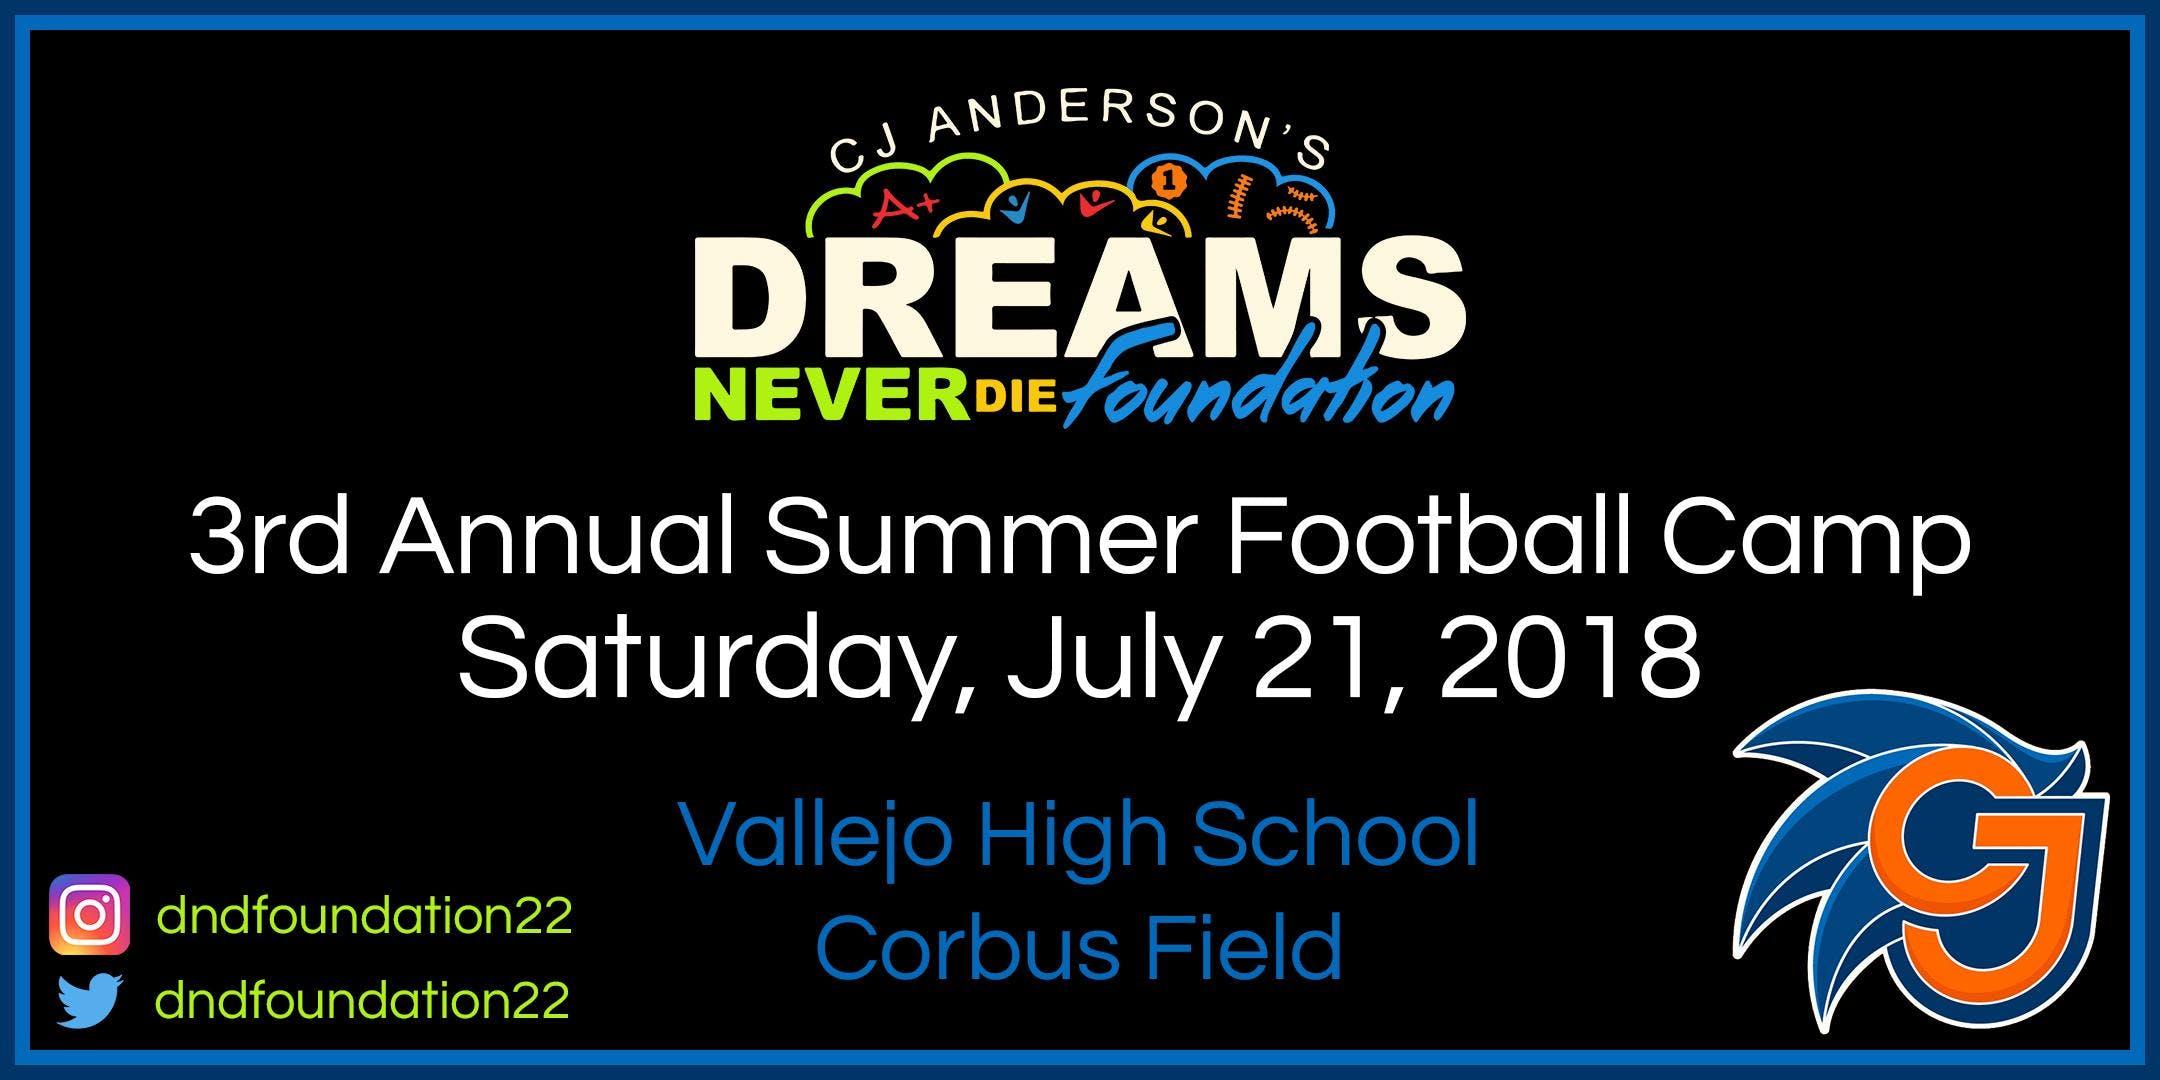 3rd Annual Summer Football Camp